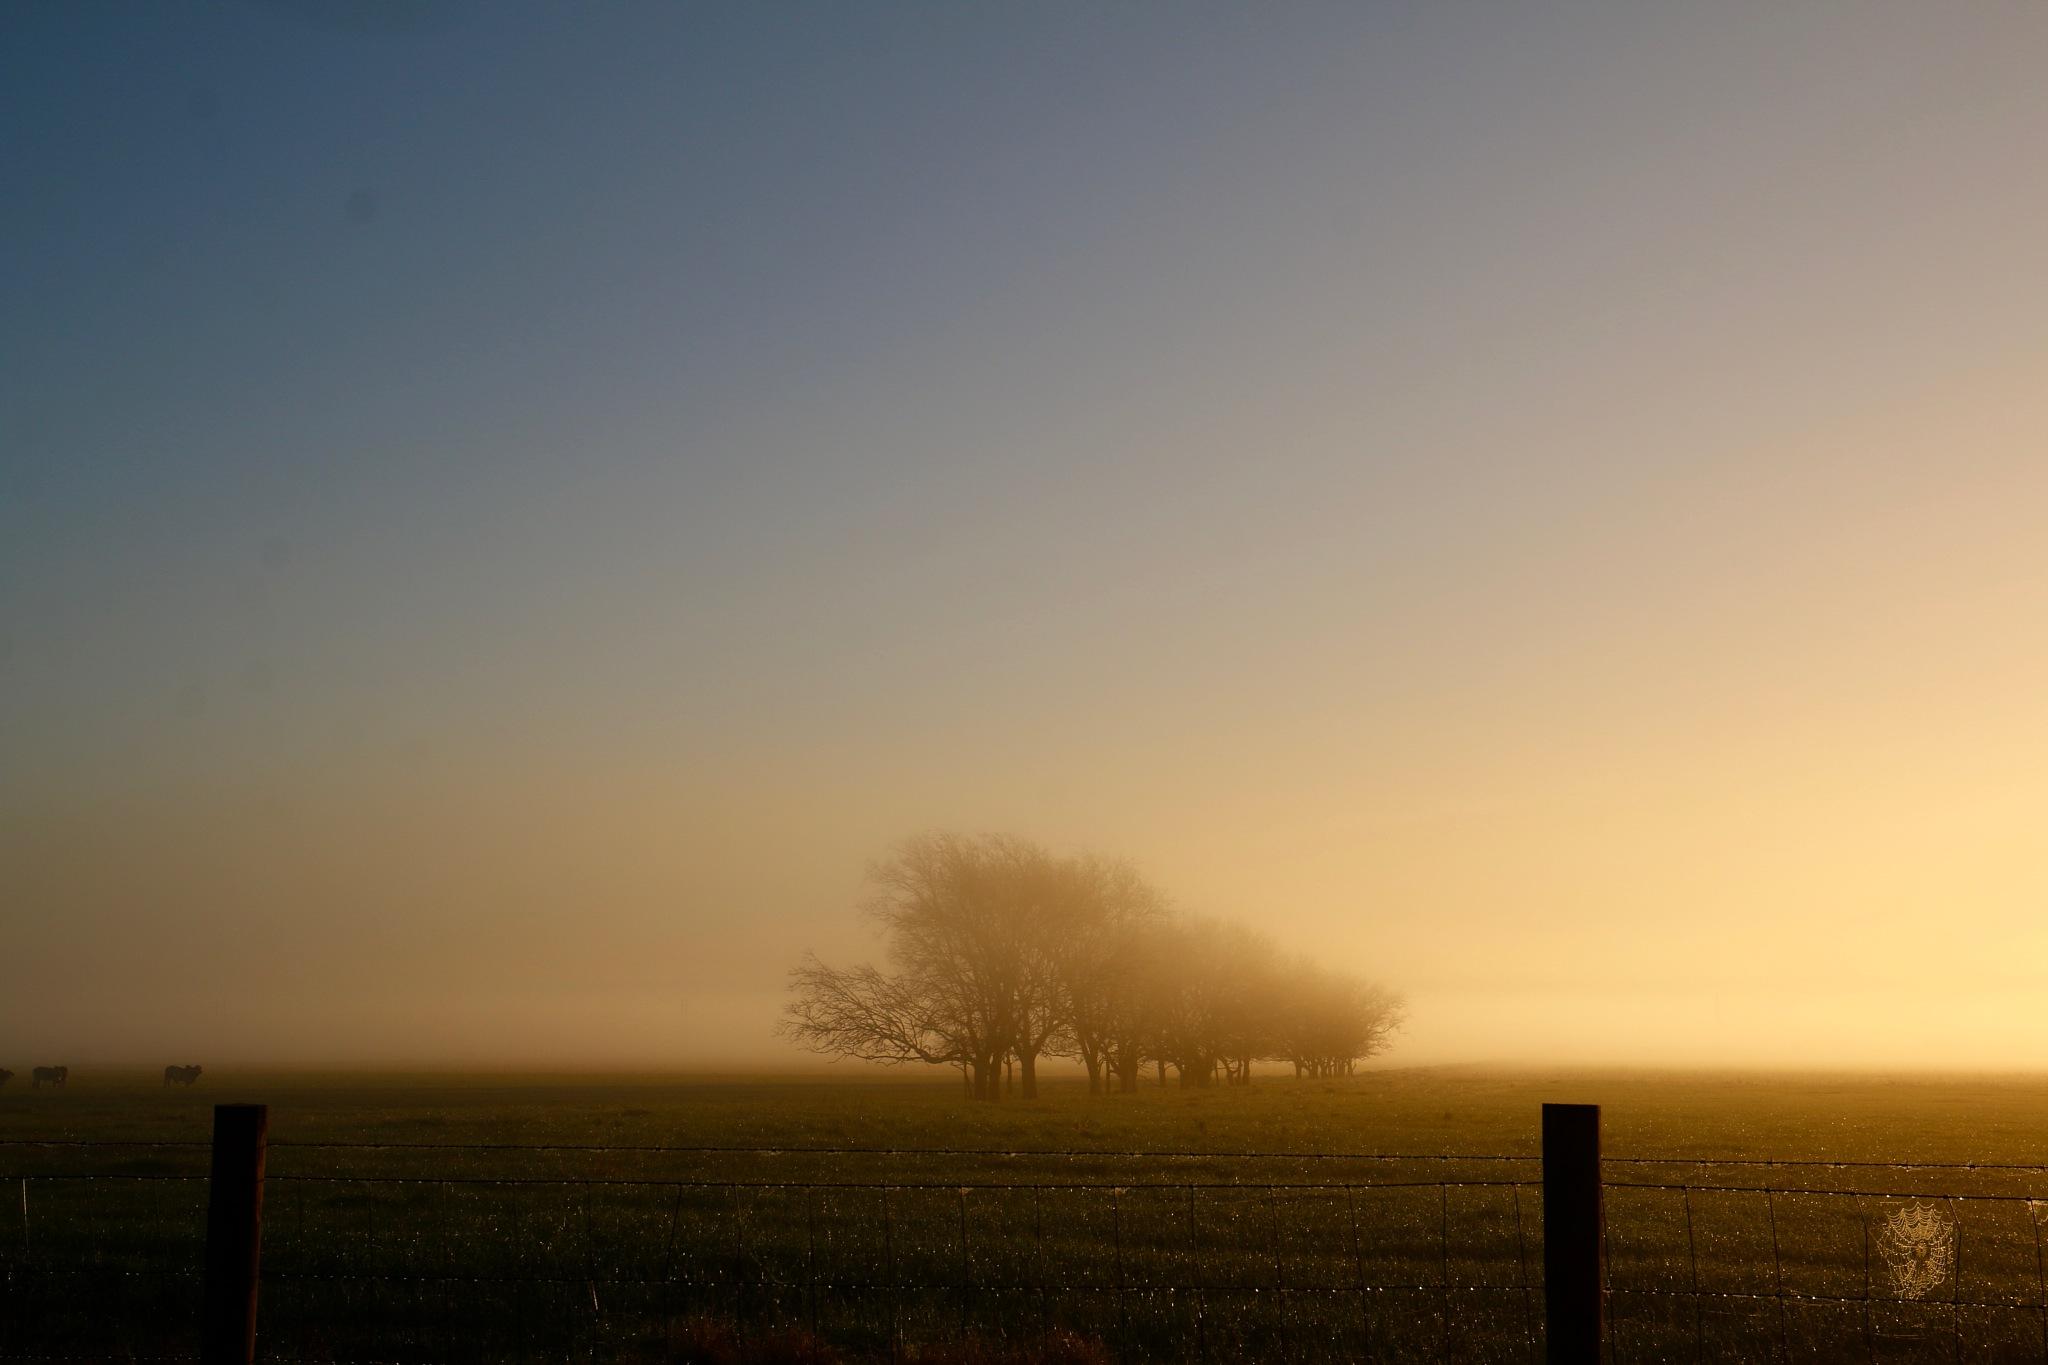 Misty Morning by joleblanc10